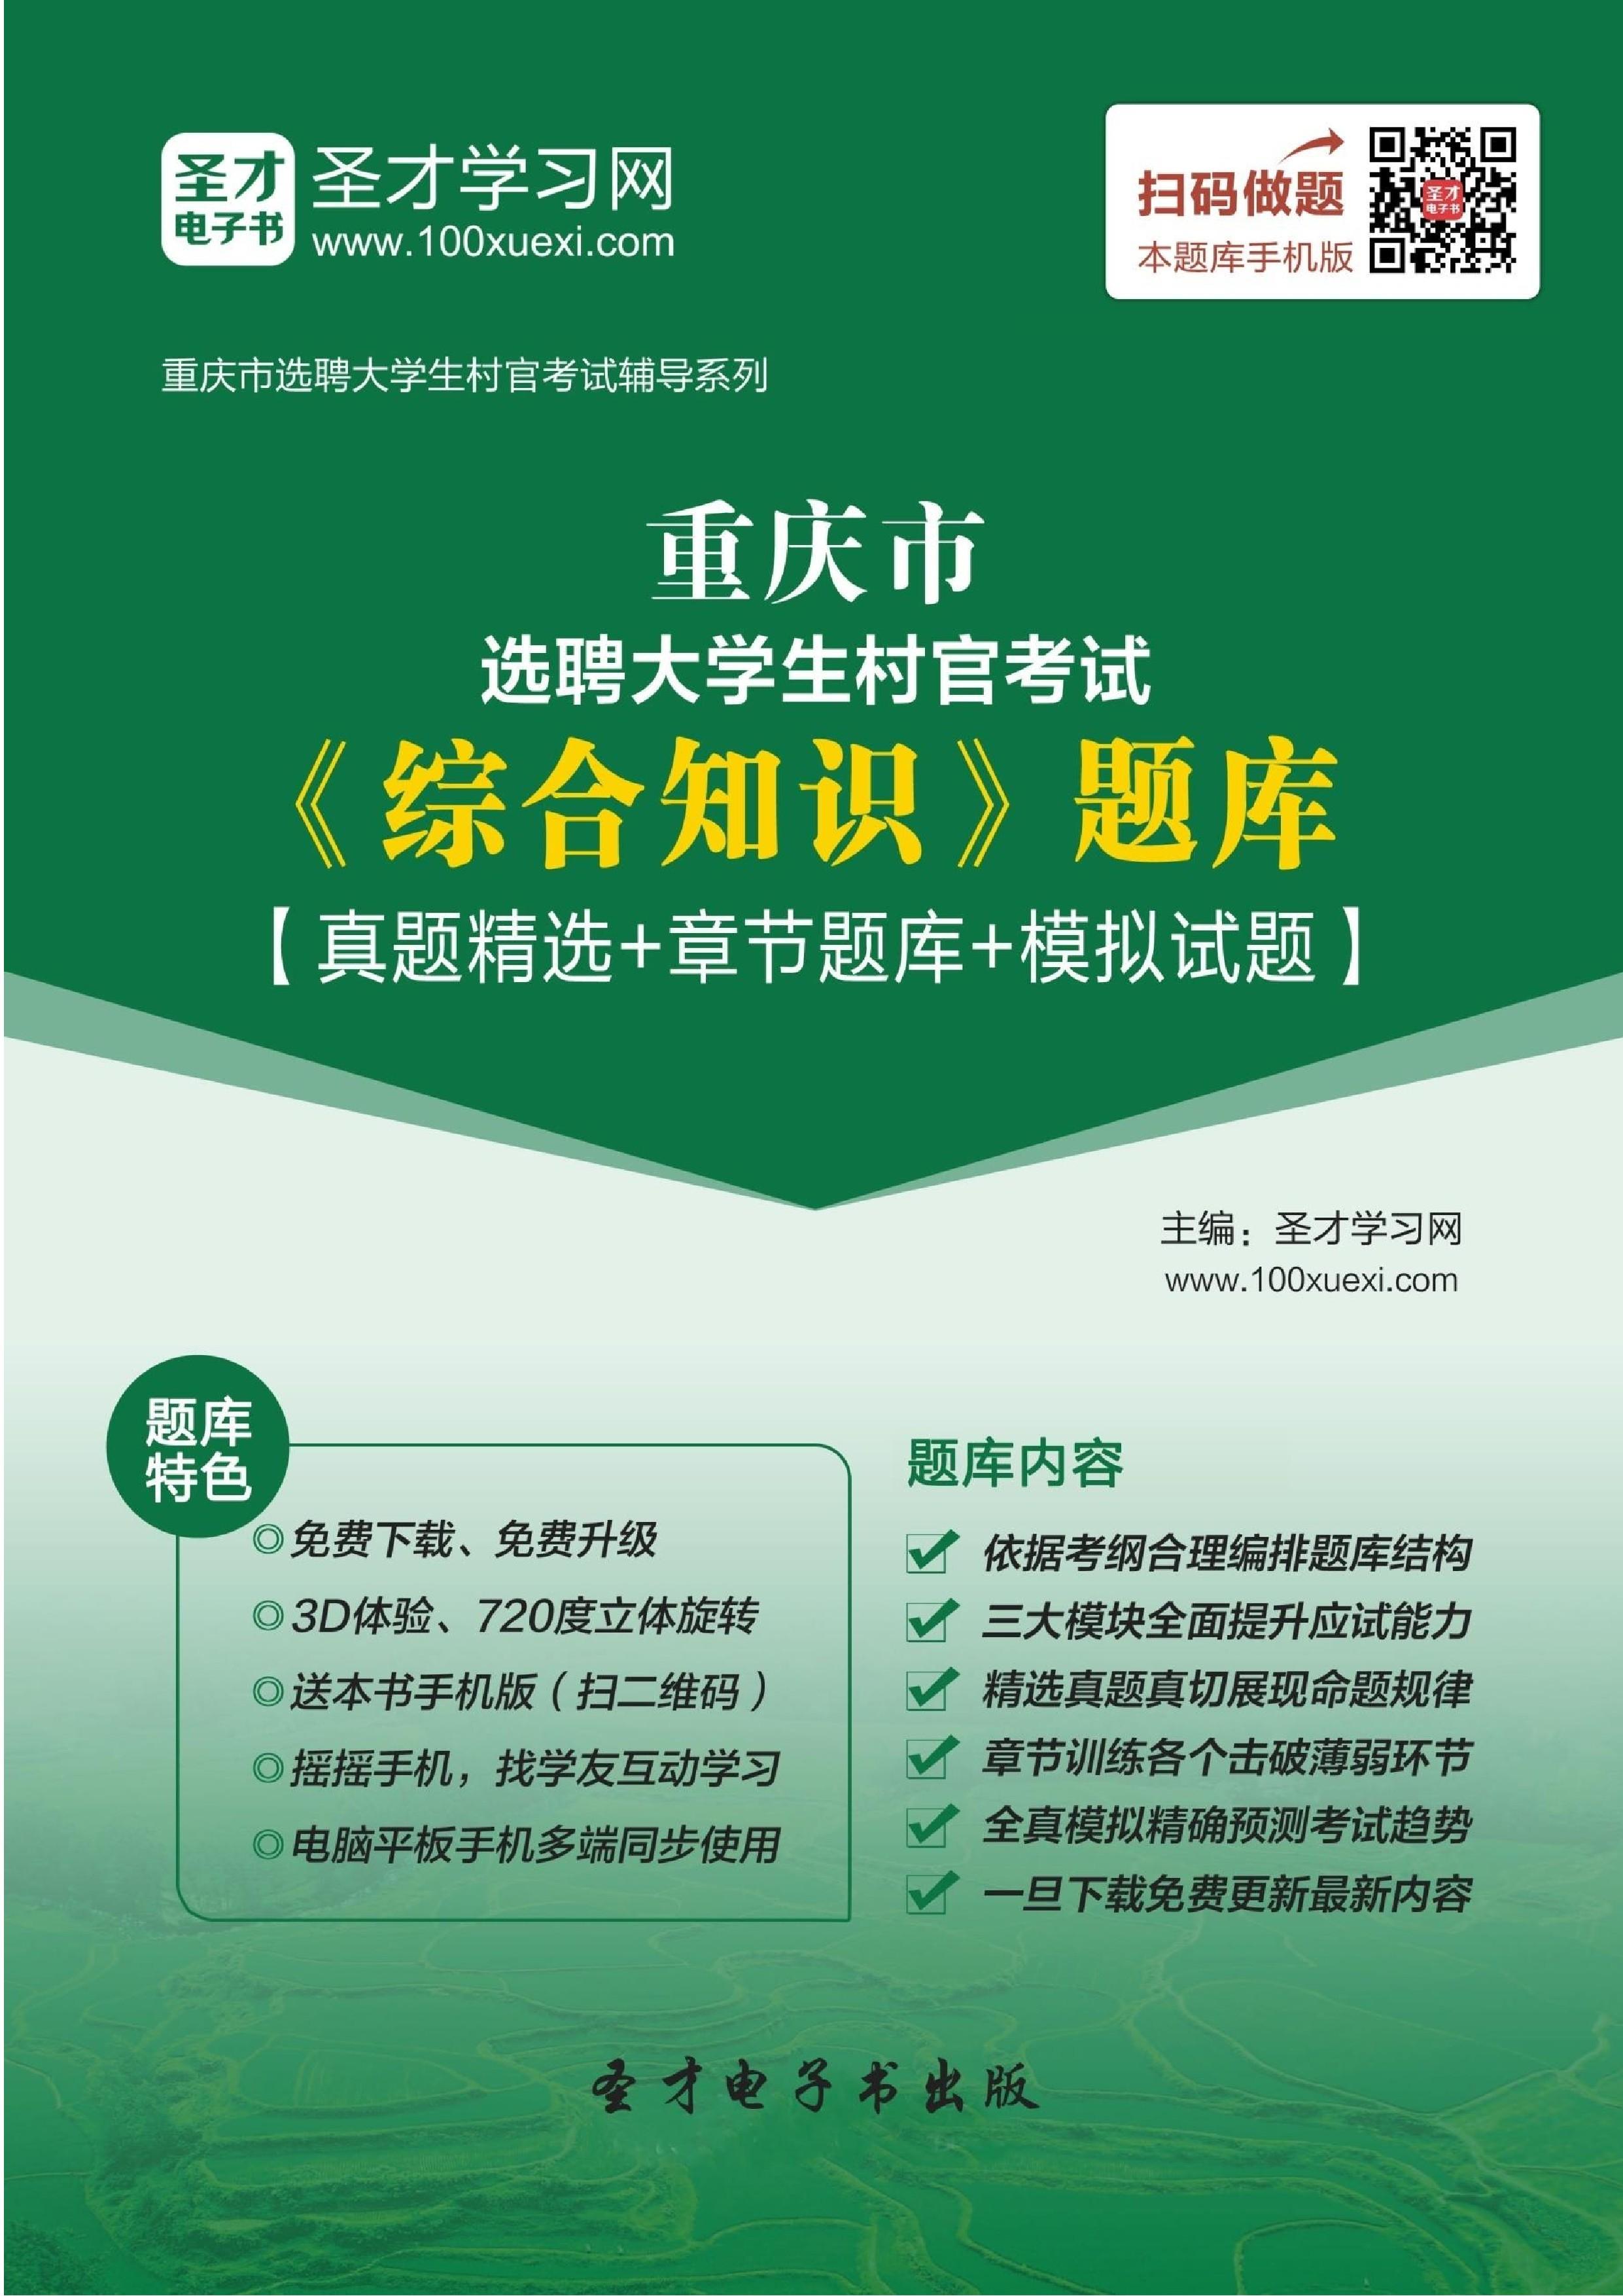 2020年重庆市选聘大学生村官考试《综合知识》题库【真题精选+章节题库+模拟试题】